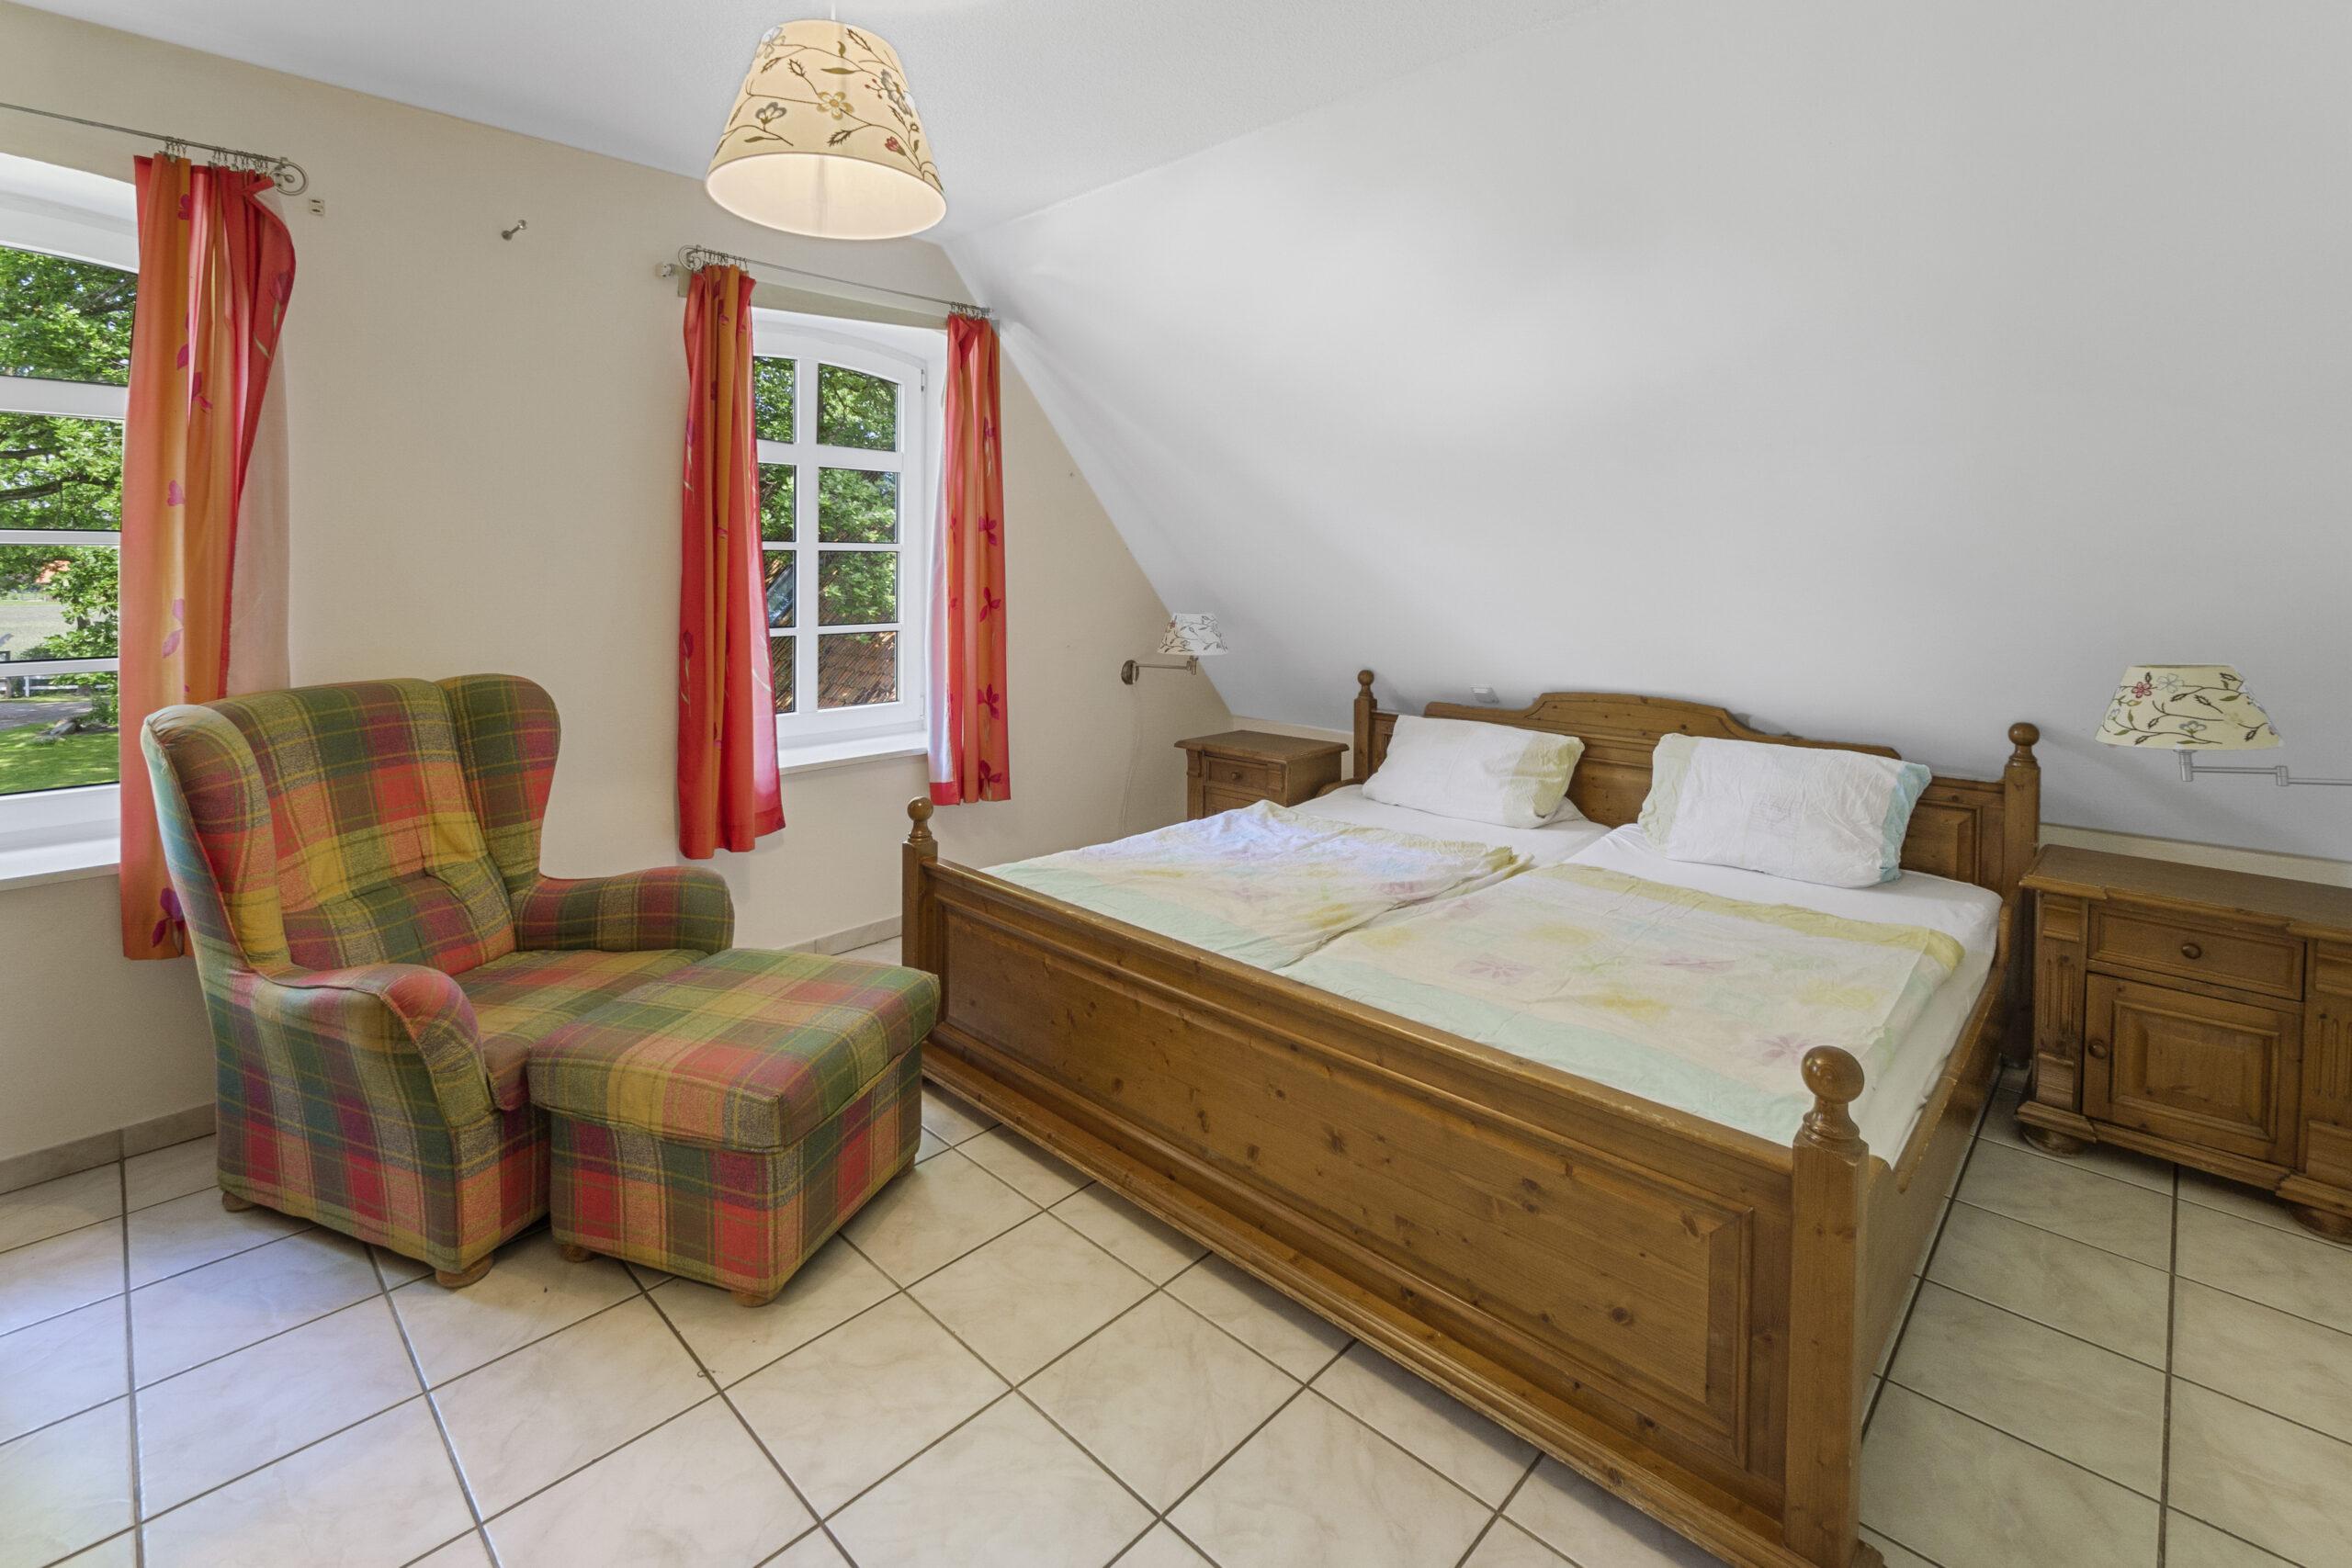 Ferienhaus 2_Schlafzimmer